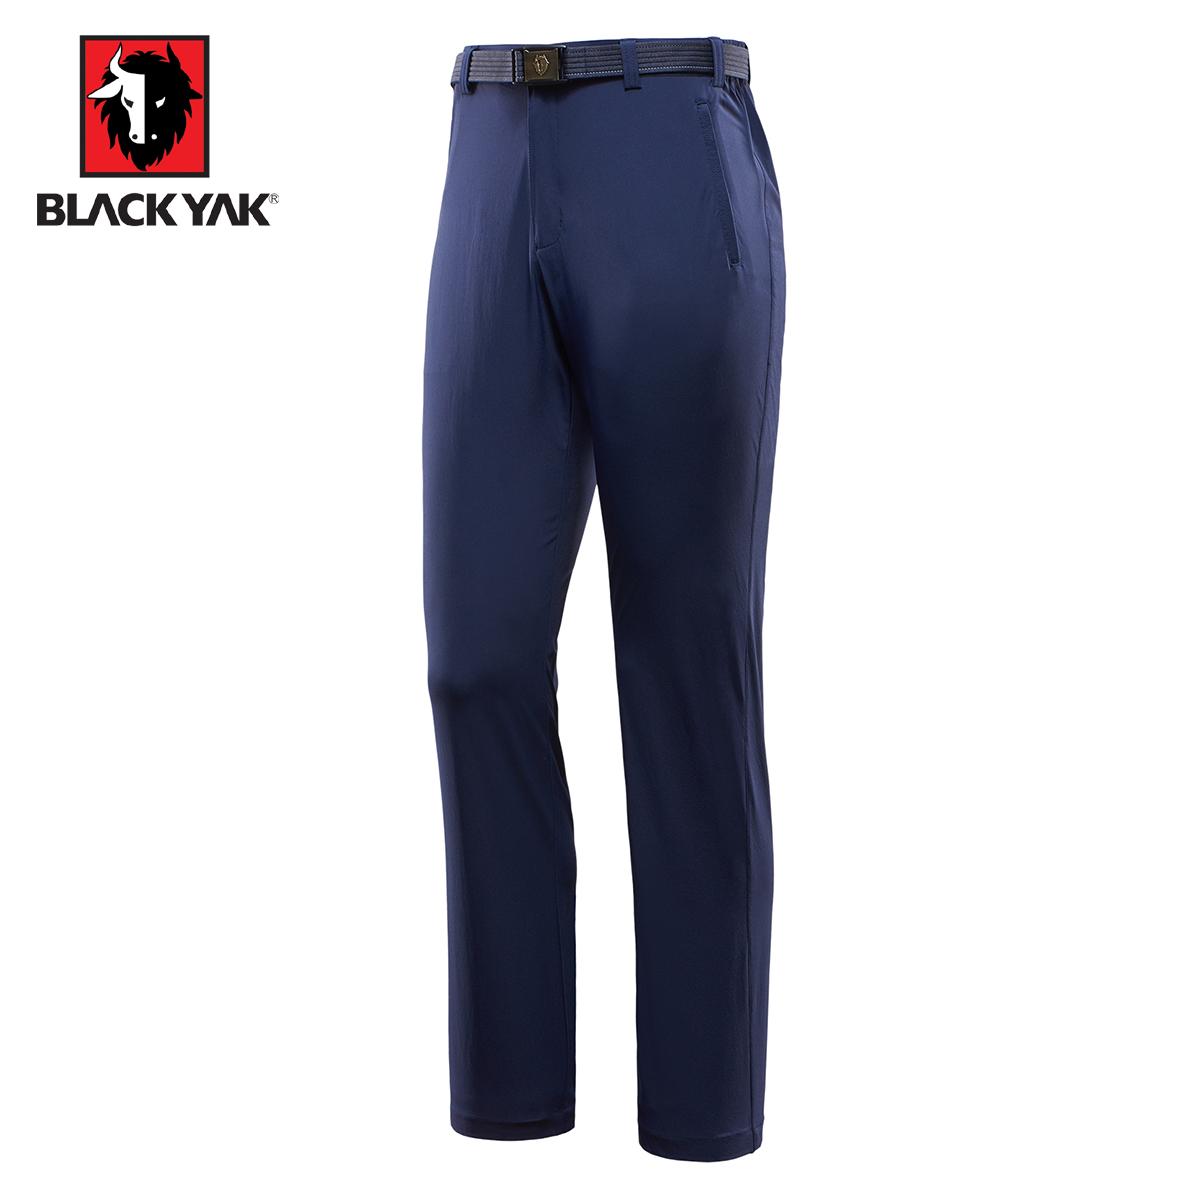 Брюки-шорты BLACK YAK pnbf/skm019 17 .019 BLACK YAK/布来亚克